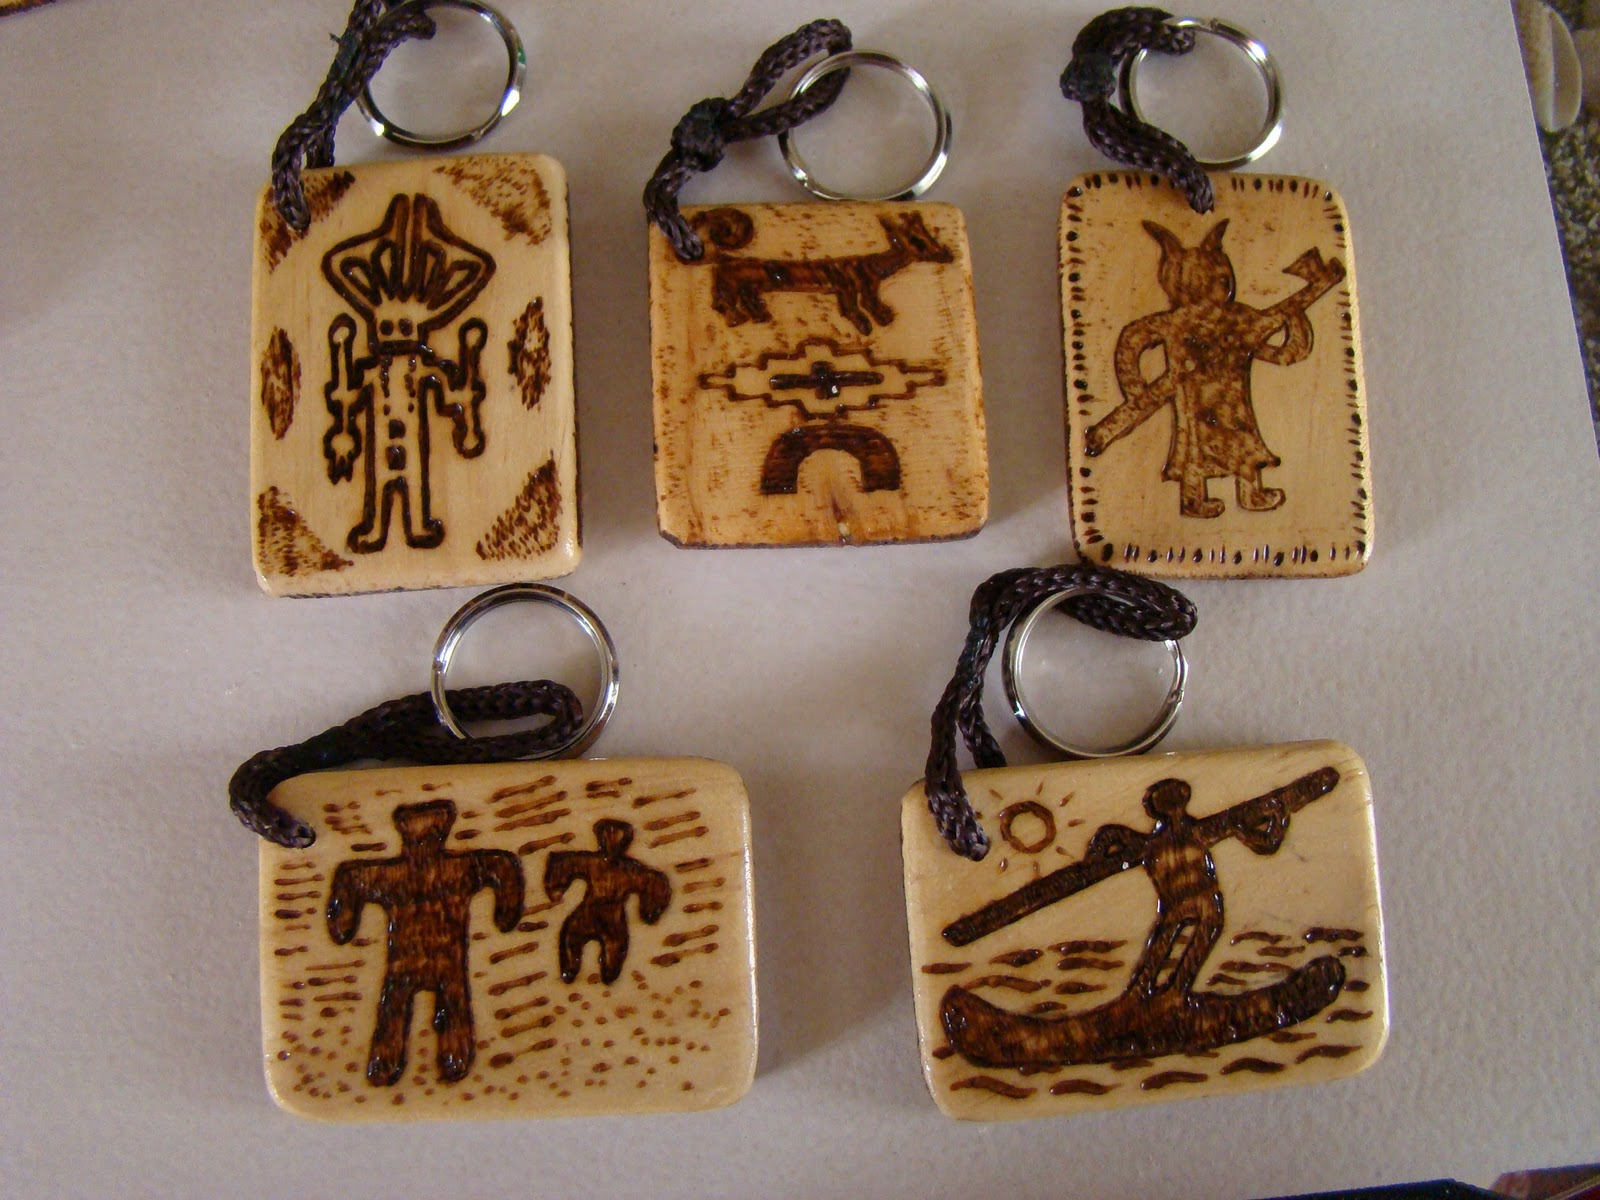 Arte grim artesan as en madera con dise os locales Artesanias en madera